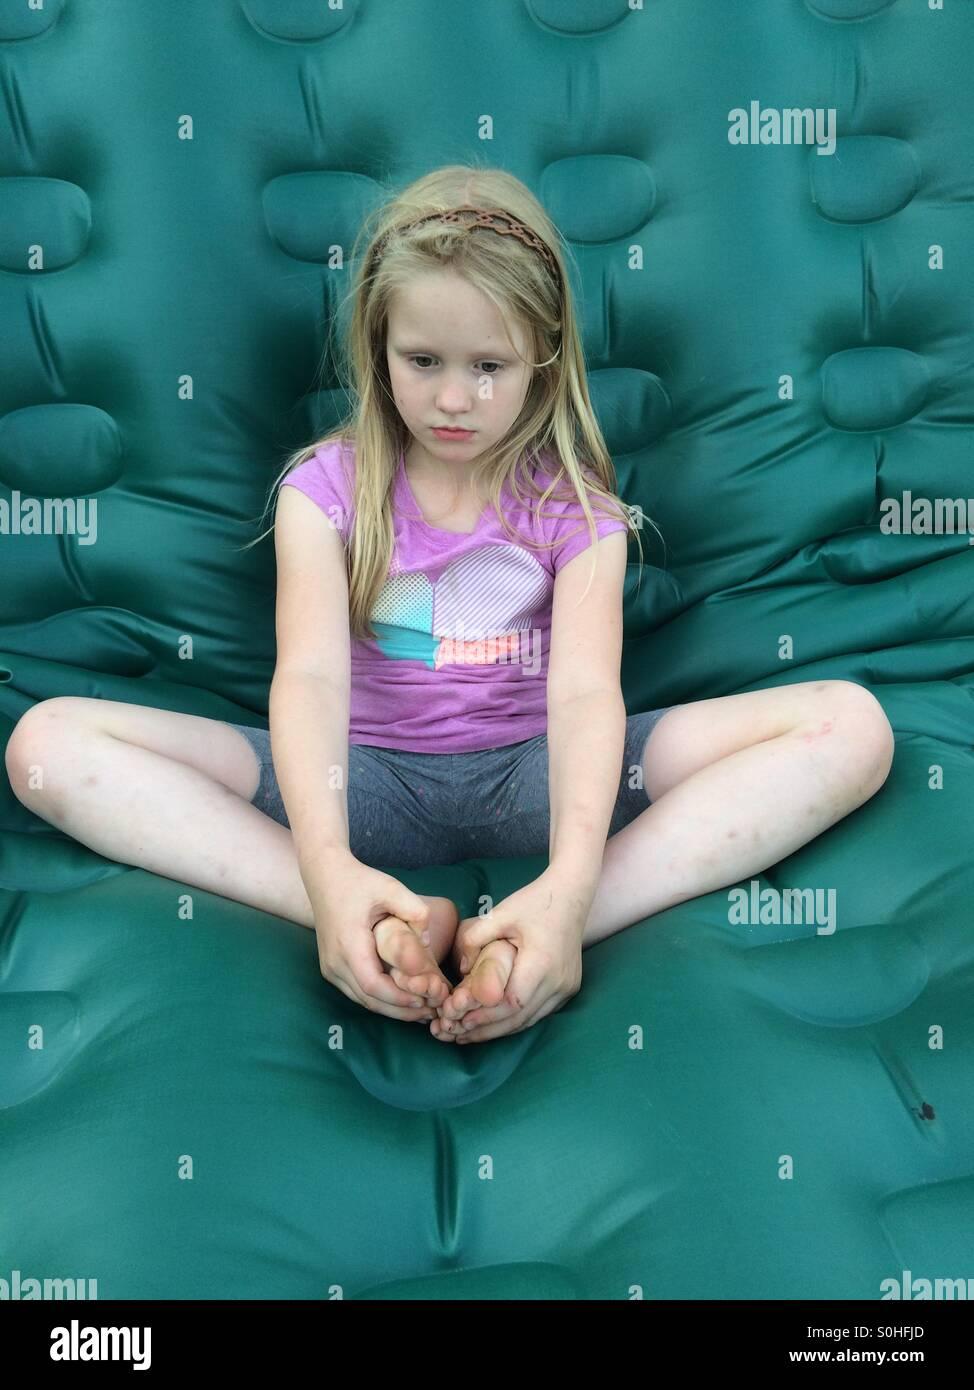 Malinconici ragazza seduta su un materasso verde Immagini Stock